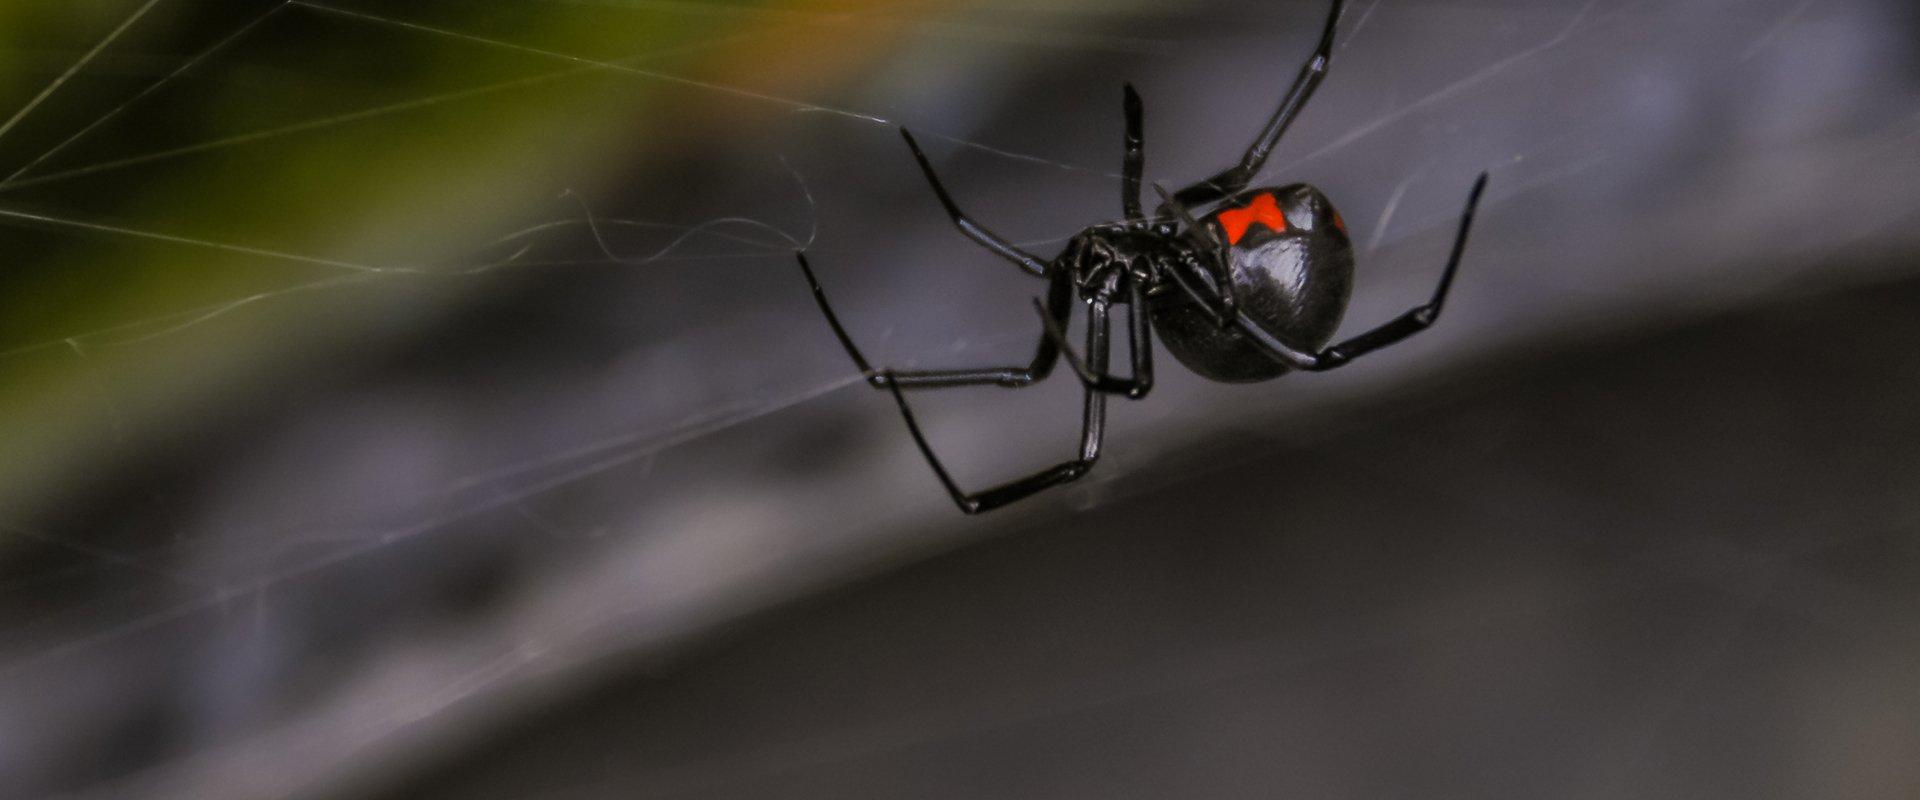 black widow spider on web